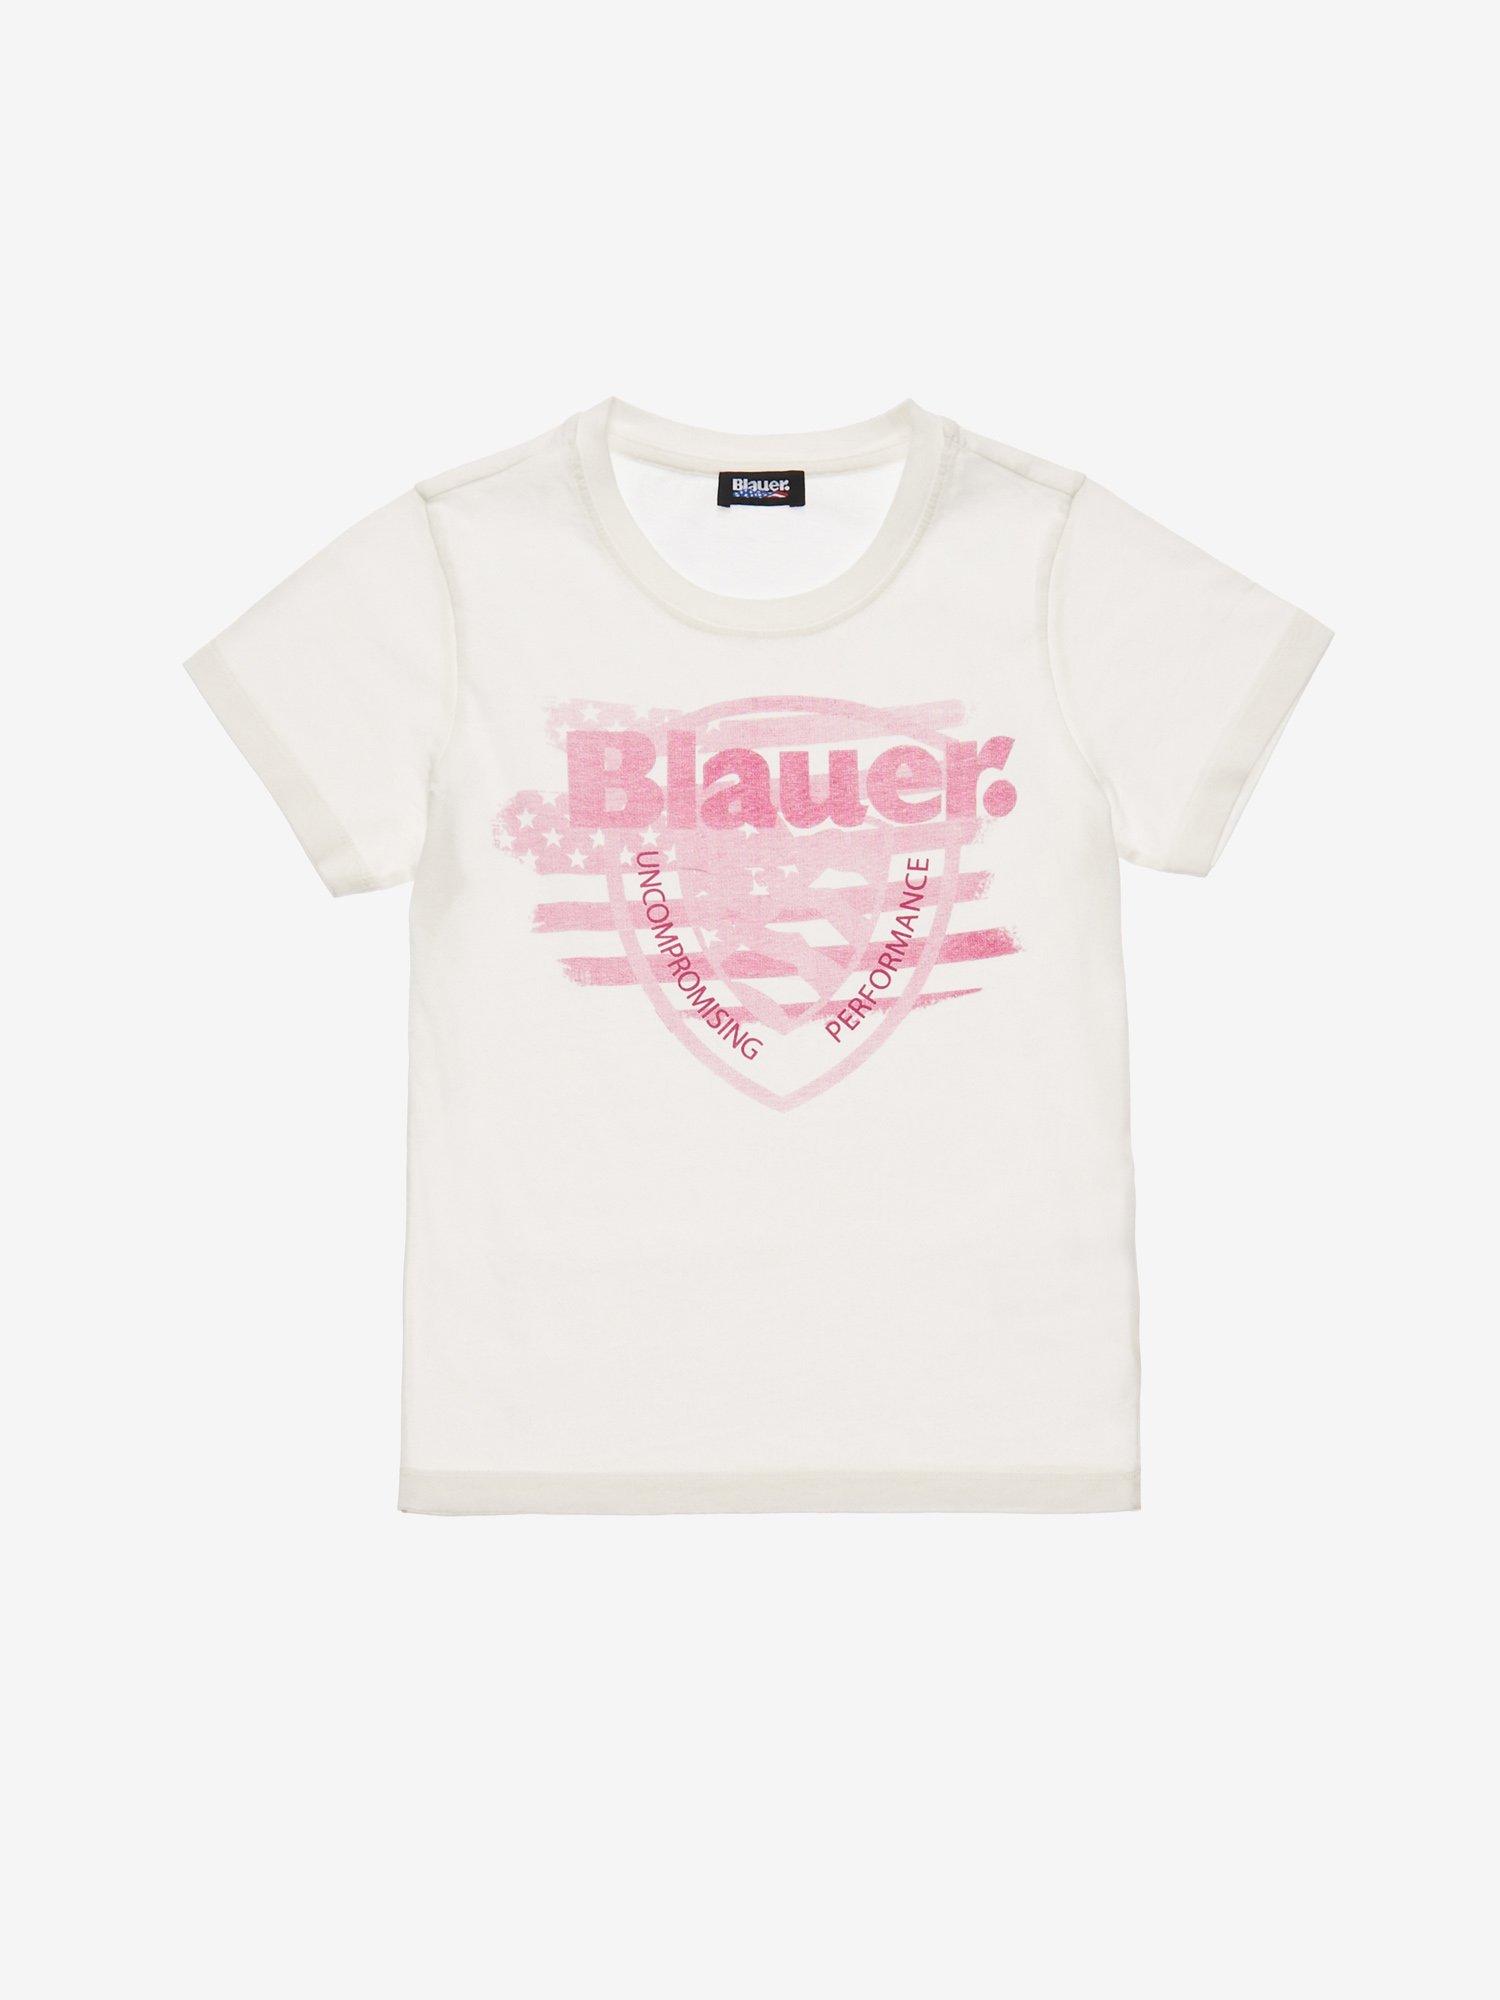 T-SHIRT JUNIOR ÉCUSSON BLAUER USA - Blauer